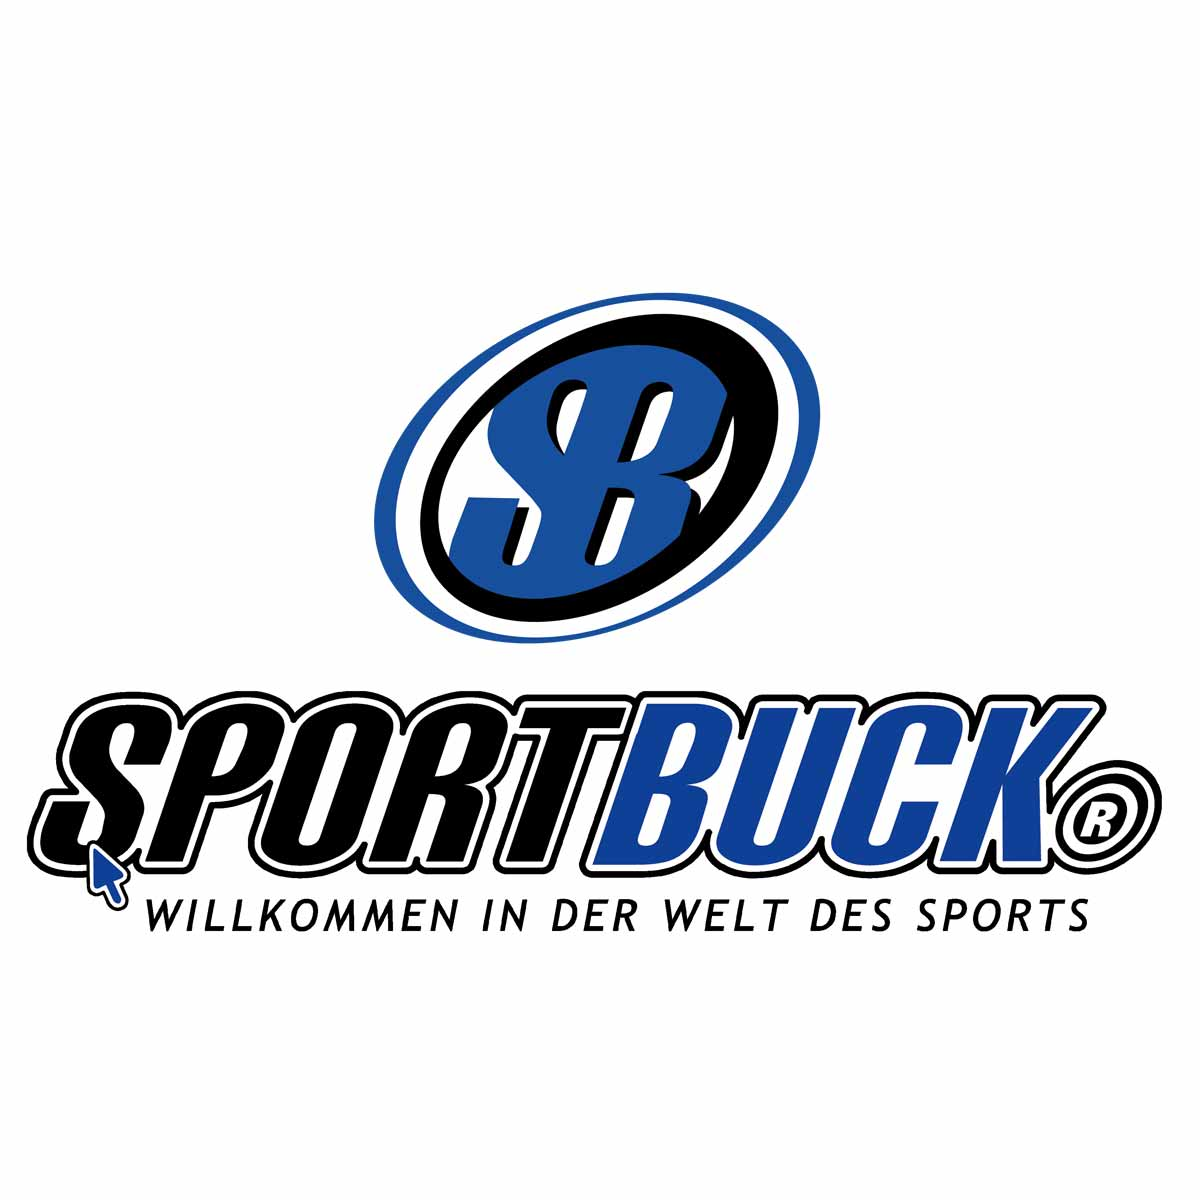 Geschenkgutscheine bei Sport Buck